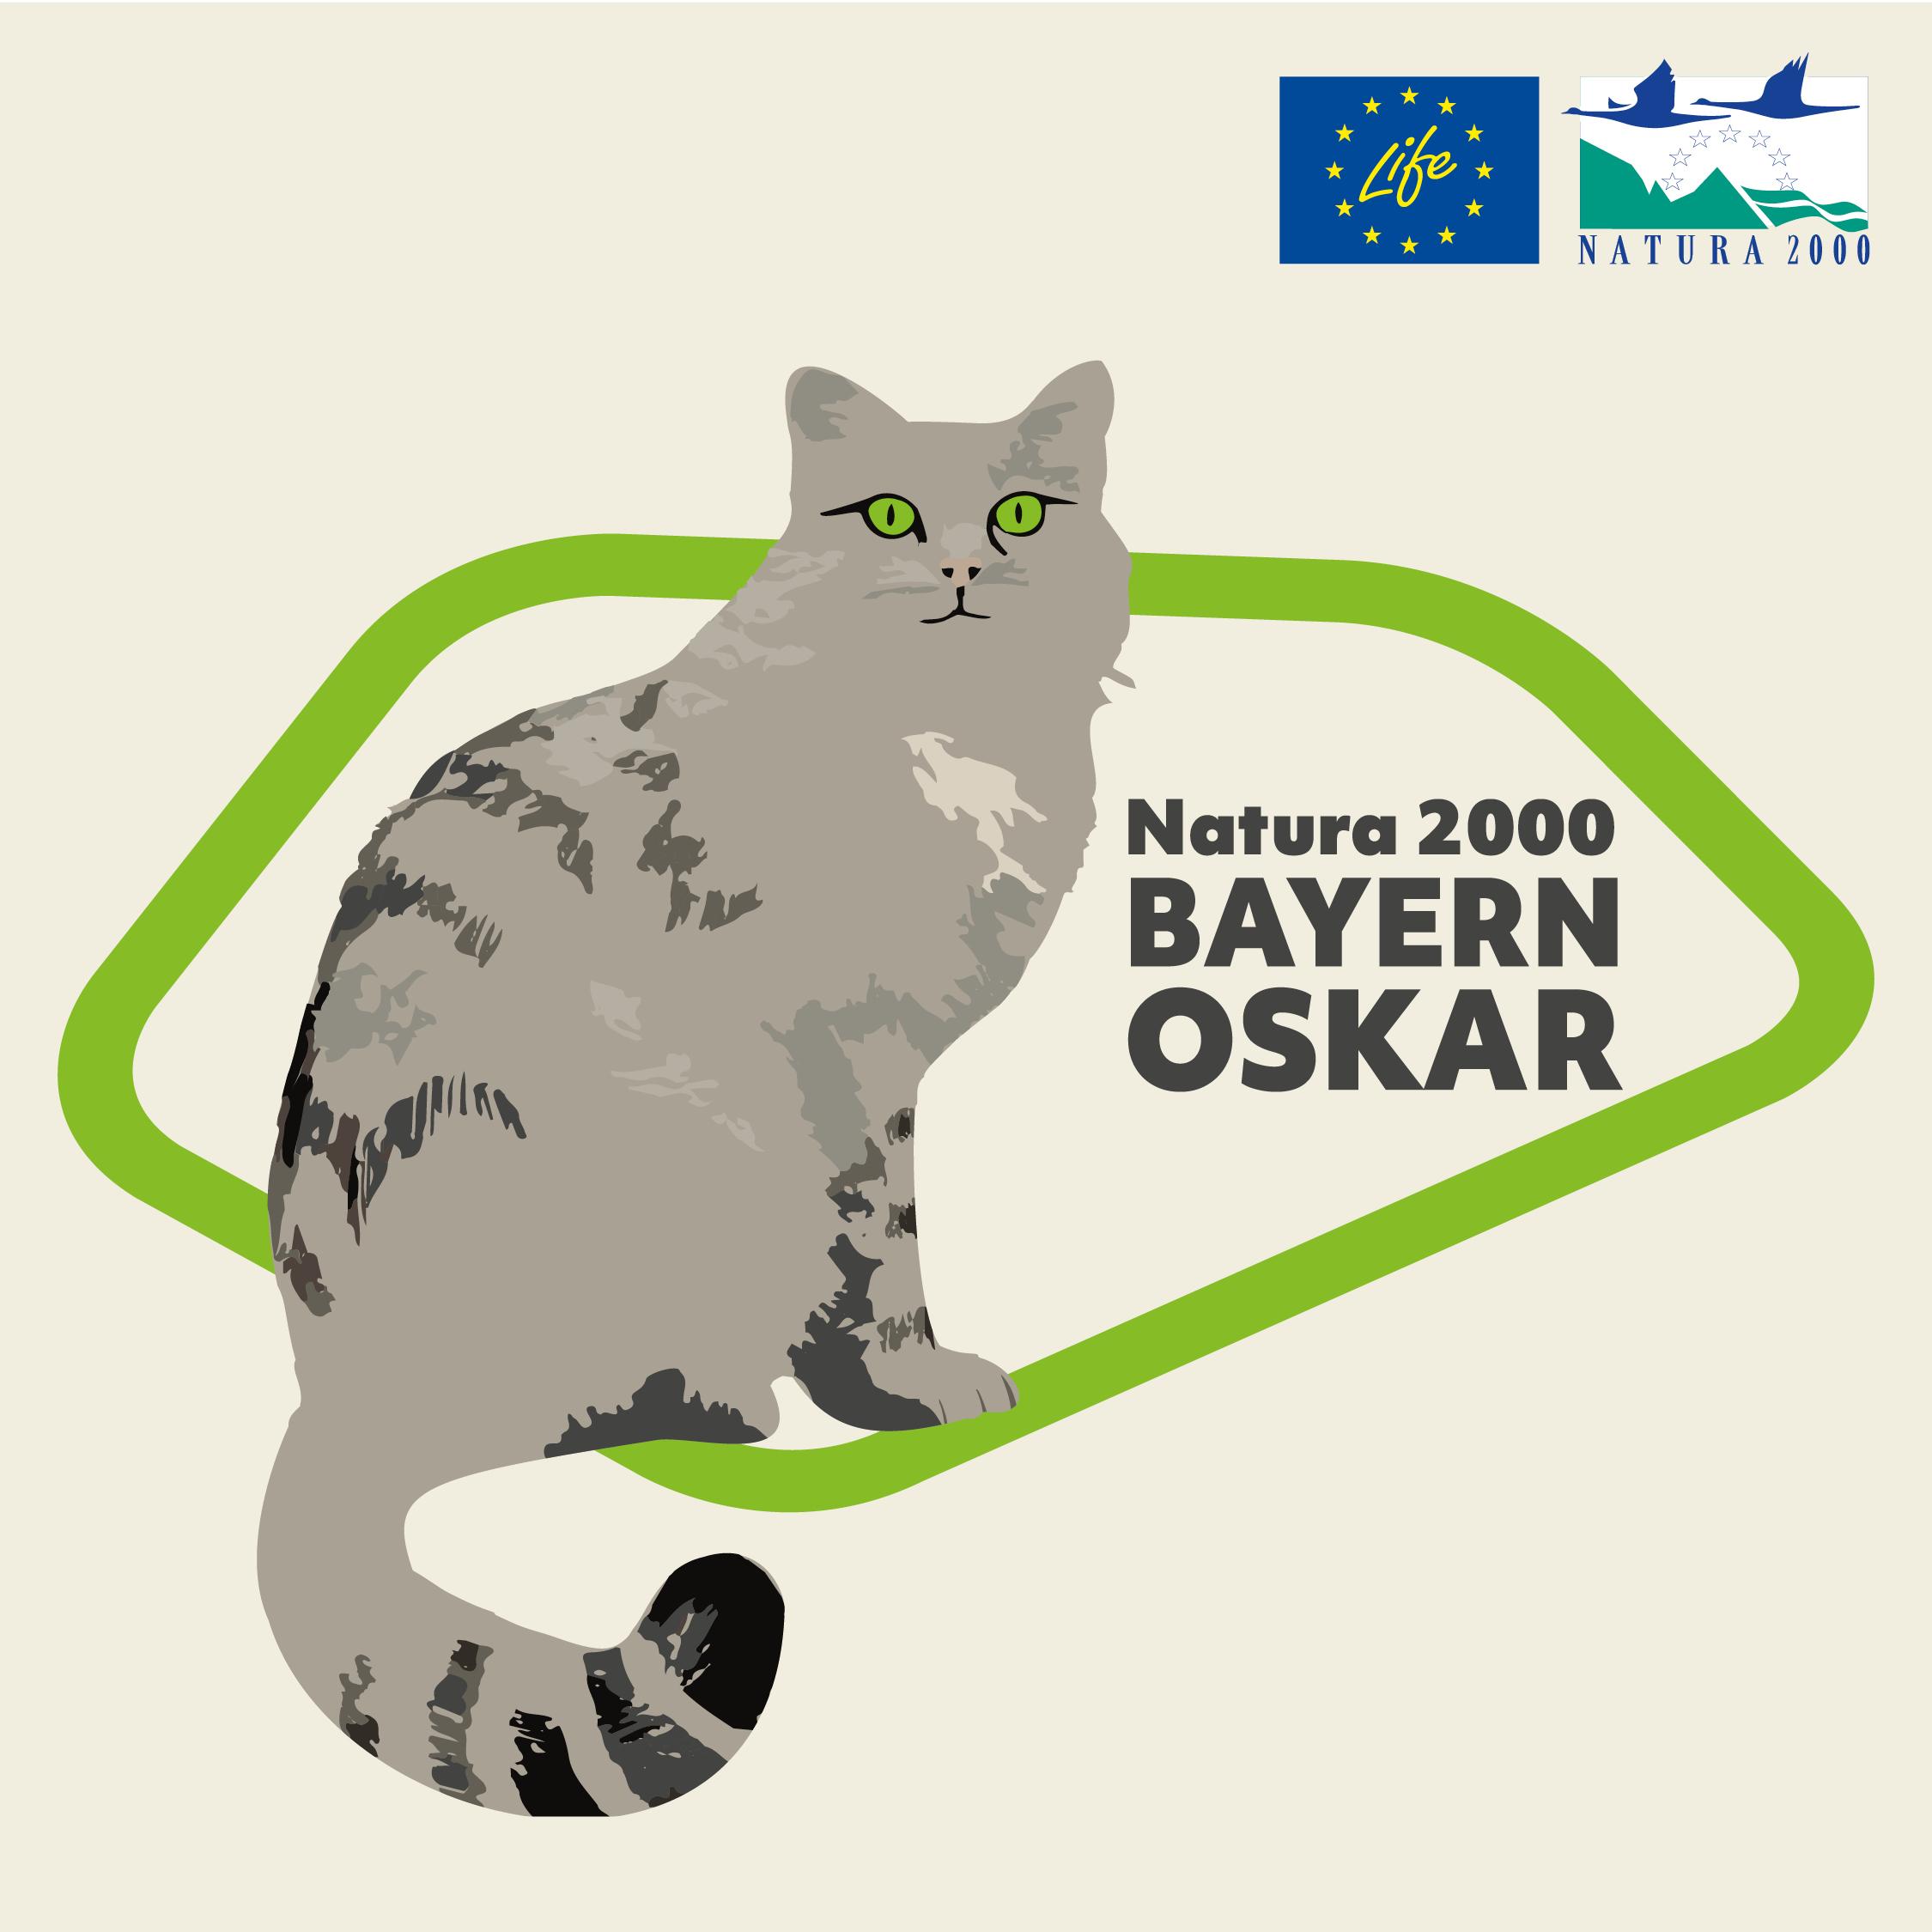 Gute Ideen gesucht: Der Natura 2000-BayernOskar – Jetzt bewerben und mitmachen!